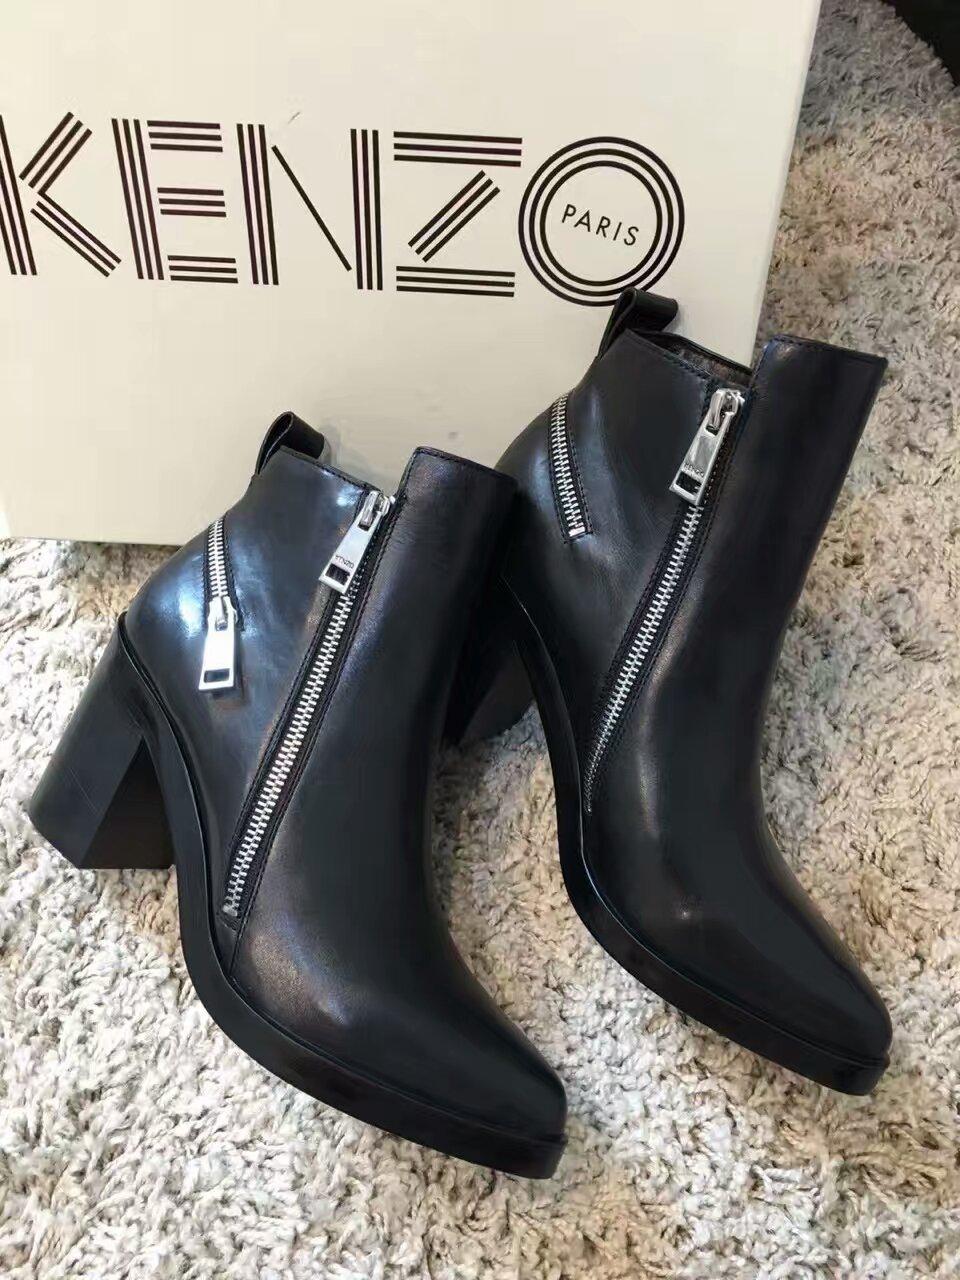 Kenzo经典短靴质感担当~市场虽有貌似的 ,但质感相差甚远